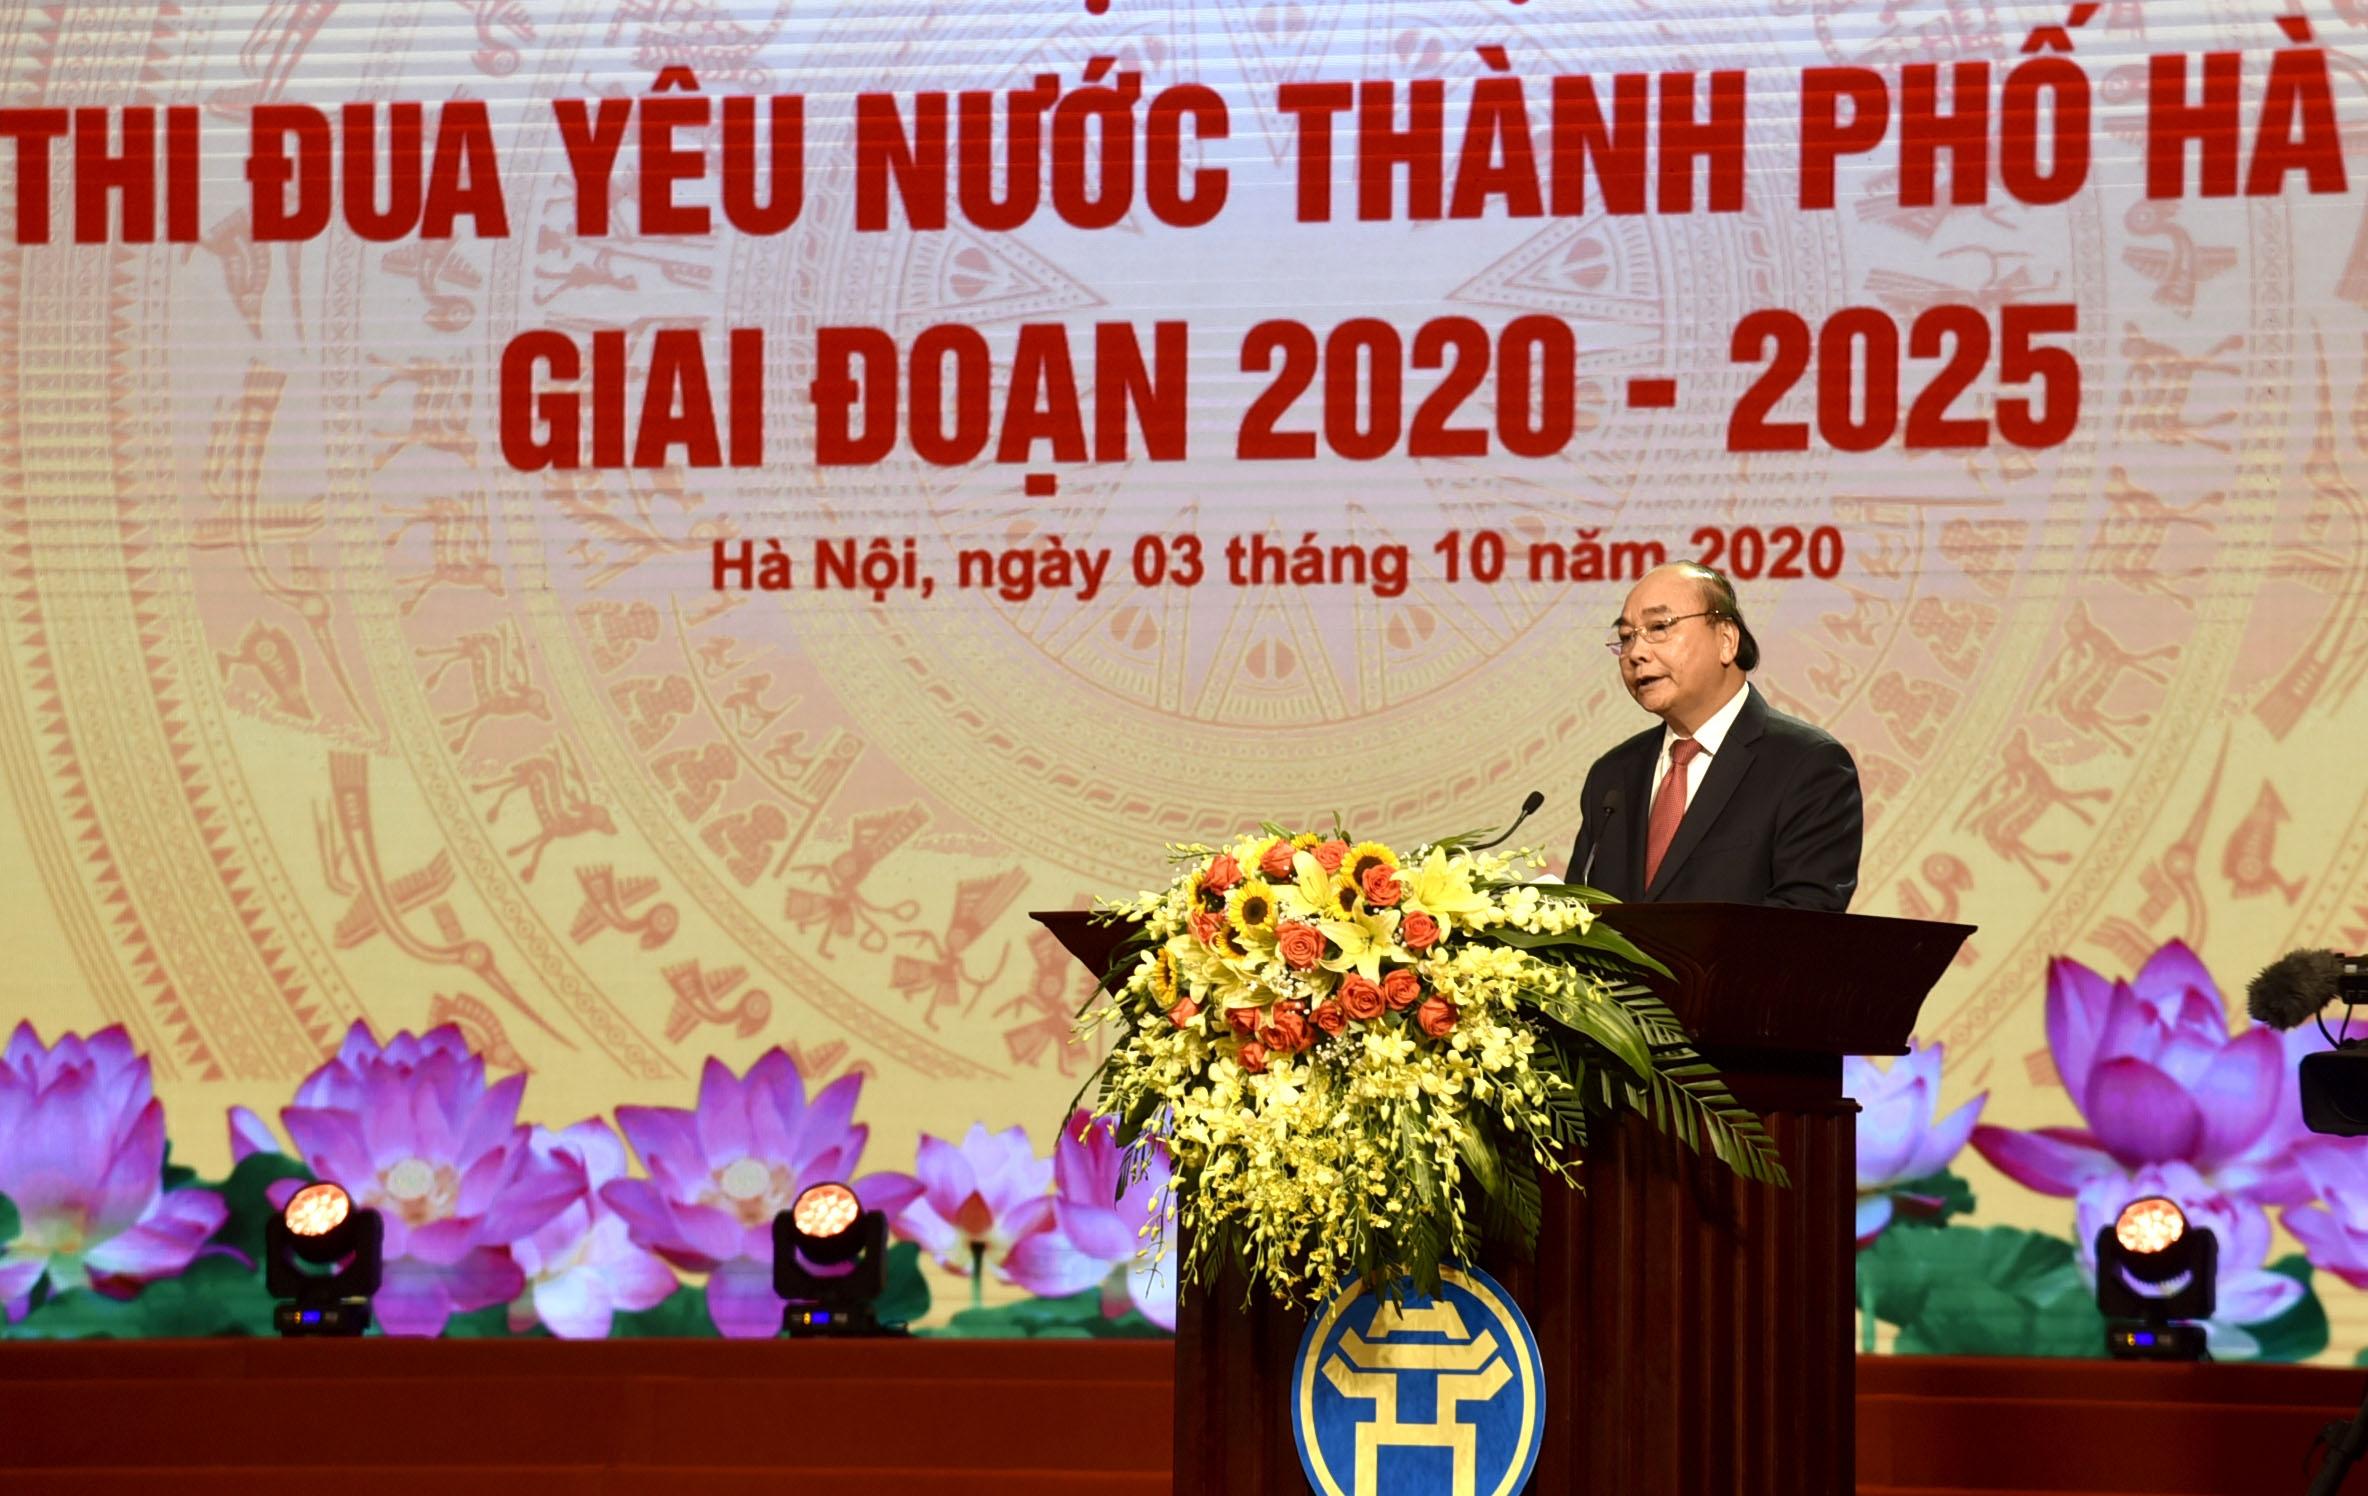 Hà Nội tiếp tục là ngọn cờ đầu trong phong trào thi đua yêu nước của cả nước